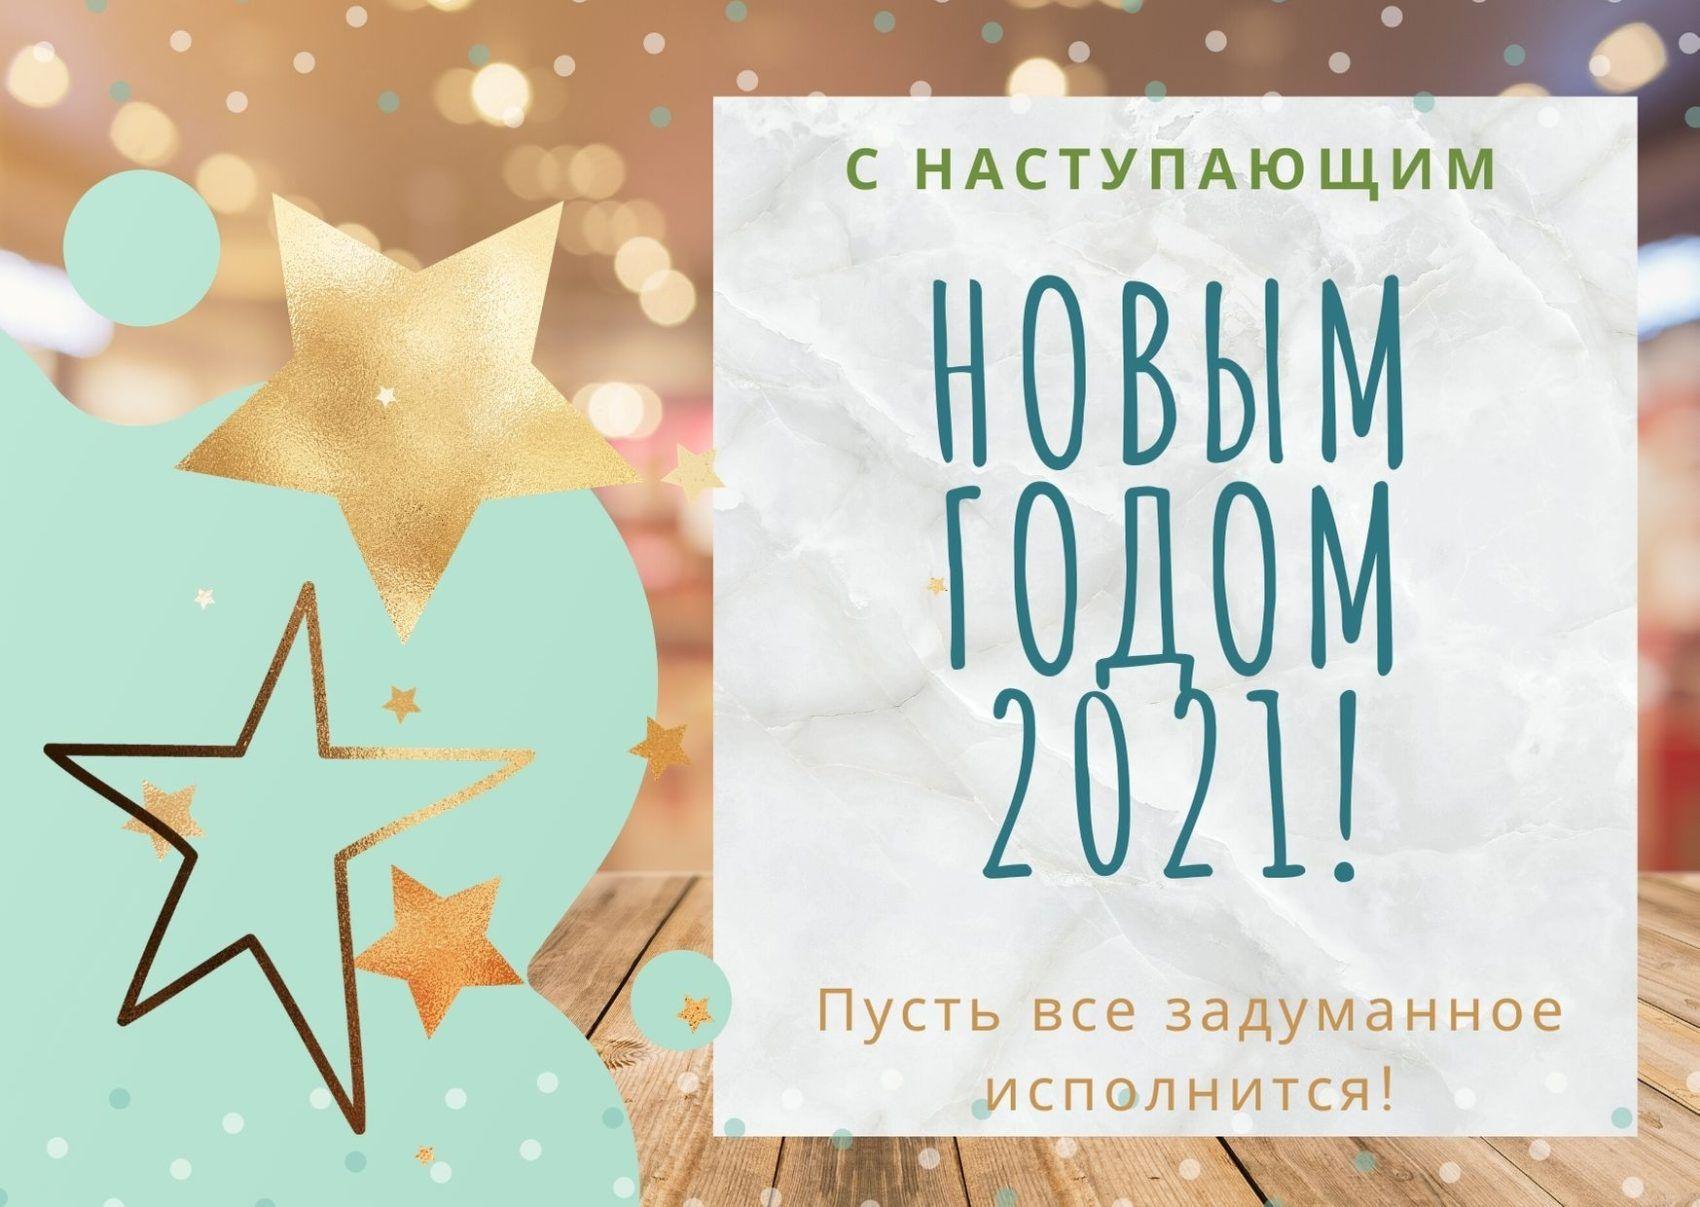 Novogodnie Otkrytki Na God Byka 2021 Besplatnye Kartinki S Simvolom Goda Novogodnie Otkrytki Otkrytki Pozdravitelnye Otkrytki